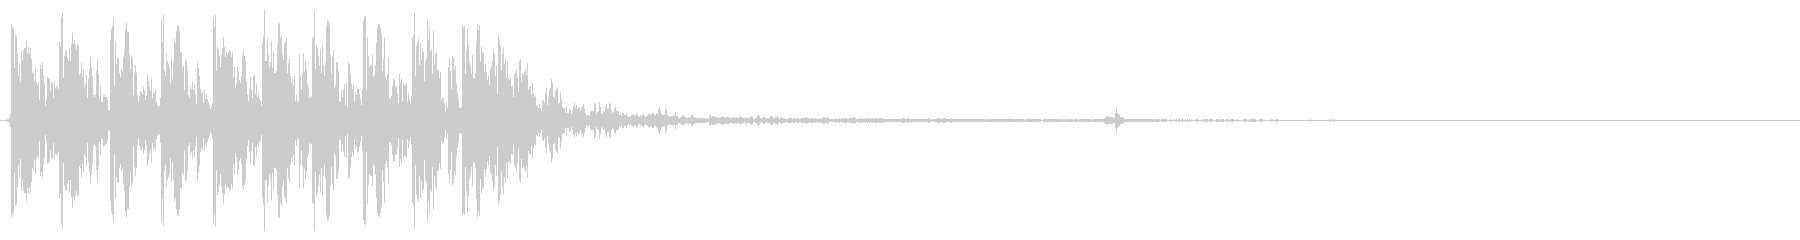 ブラウンM2HB、0.50マシンガ...の未再生の波形